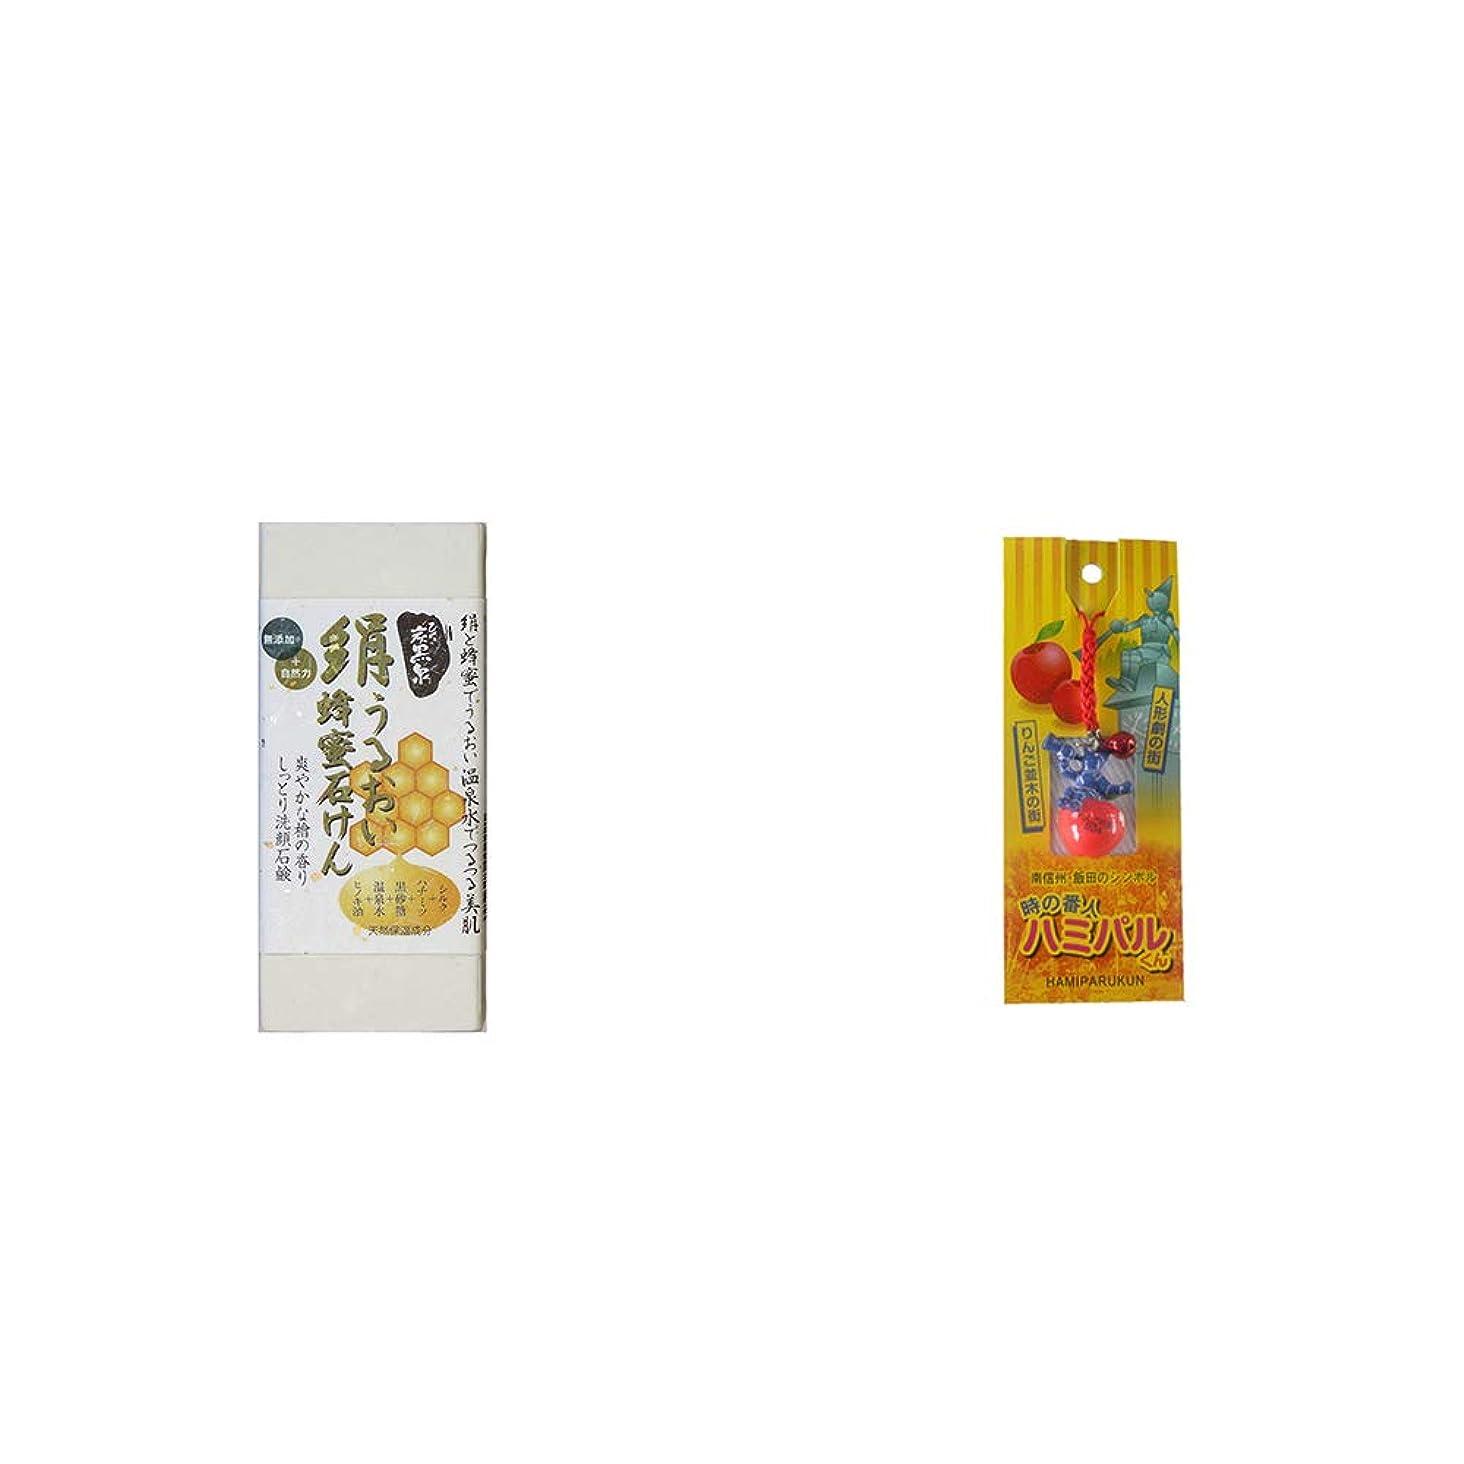 実験室敷居ピクニック[2点セット] ひのき炭黒泉 絹うるおい蜂蜜石けん(75g×2)?信州?飯田のシンボル 時の番人ハミパルくんストラップ